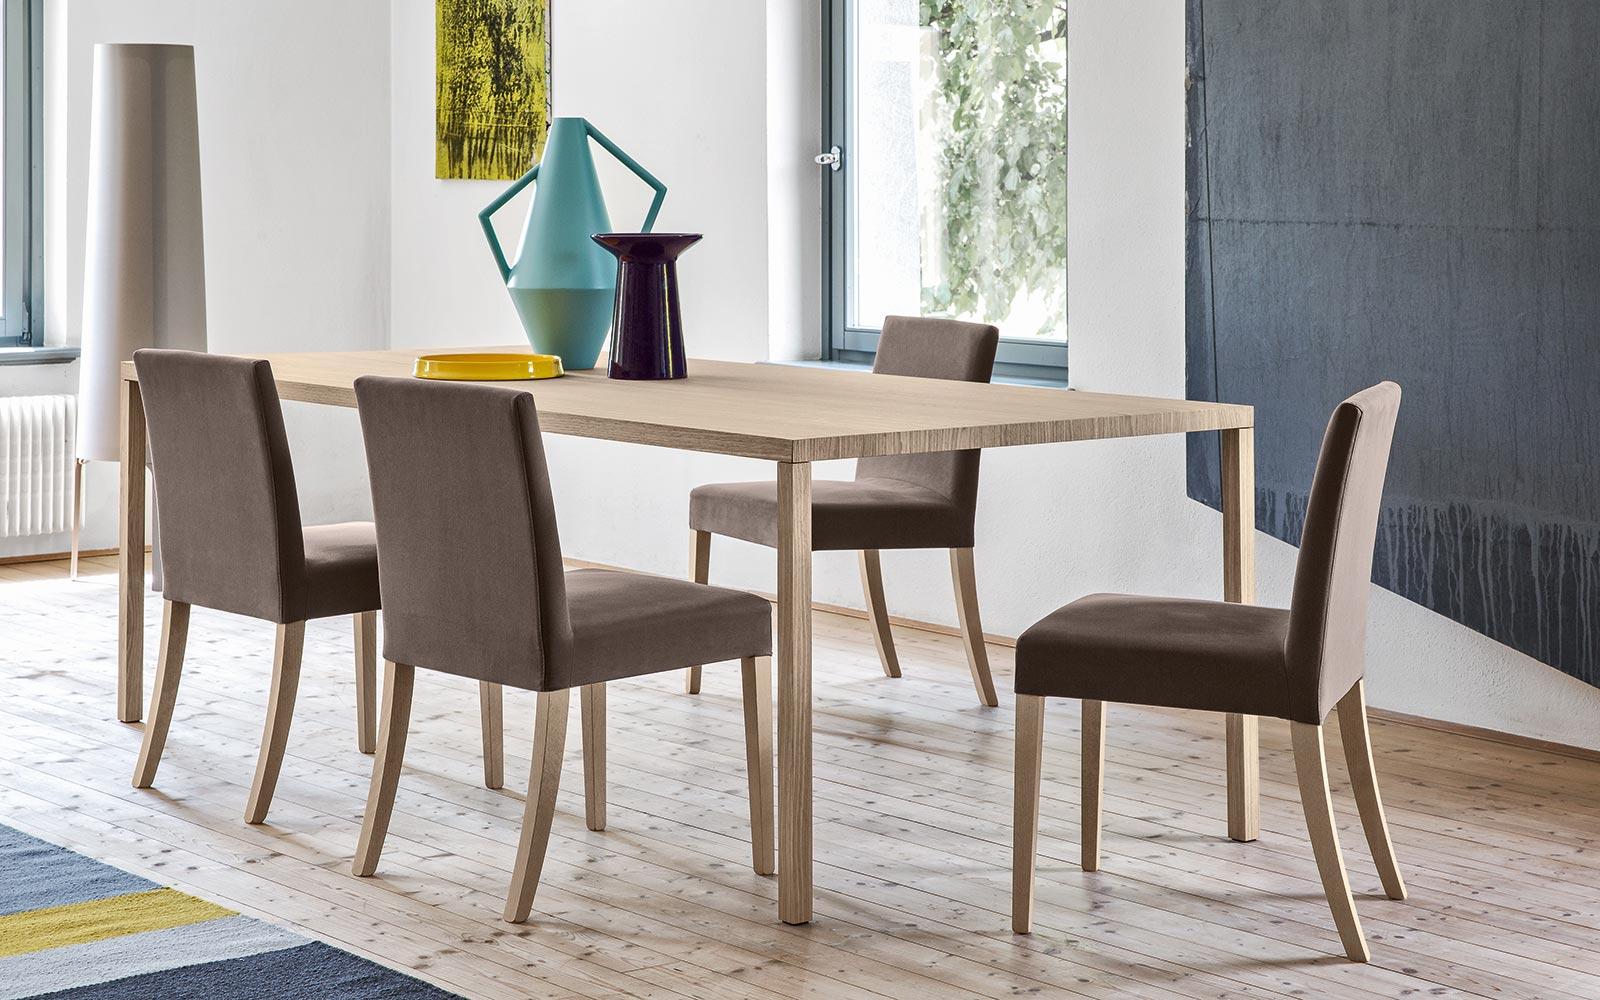 Sedie Schienale Alto Design : Sedia imbottita in pelle con braccioli con schienale alto